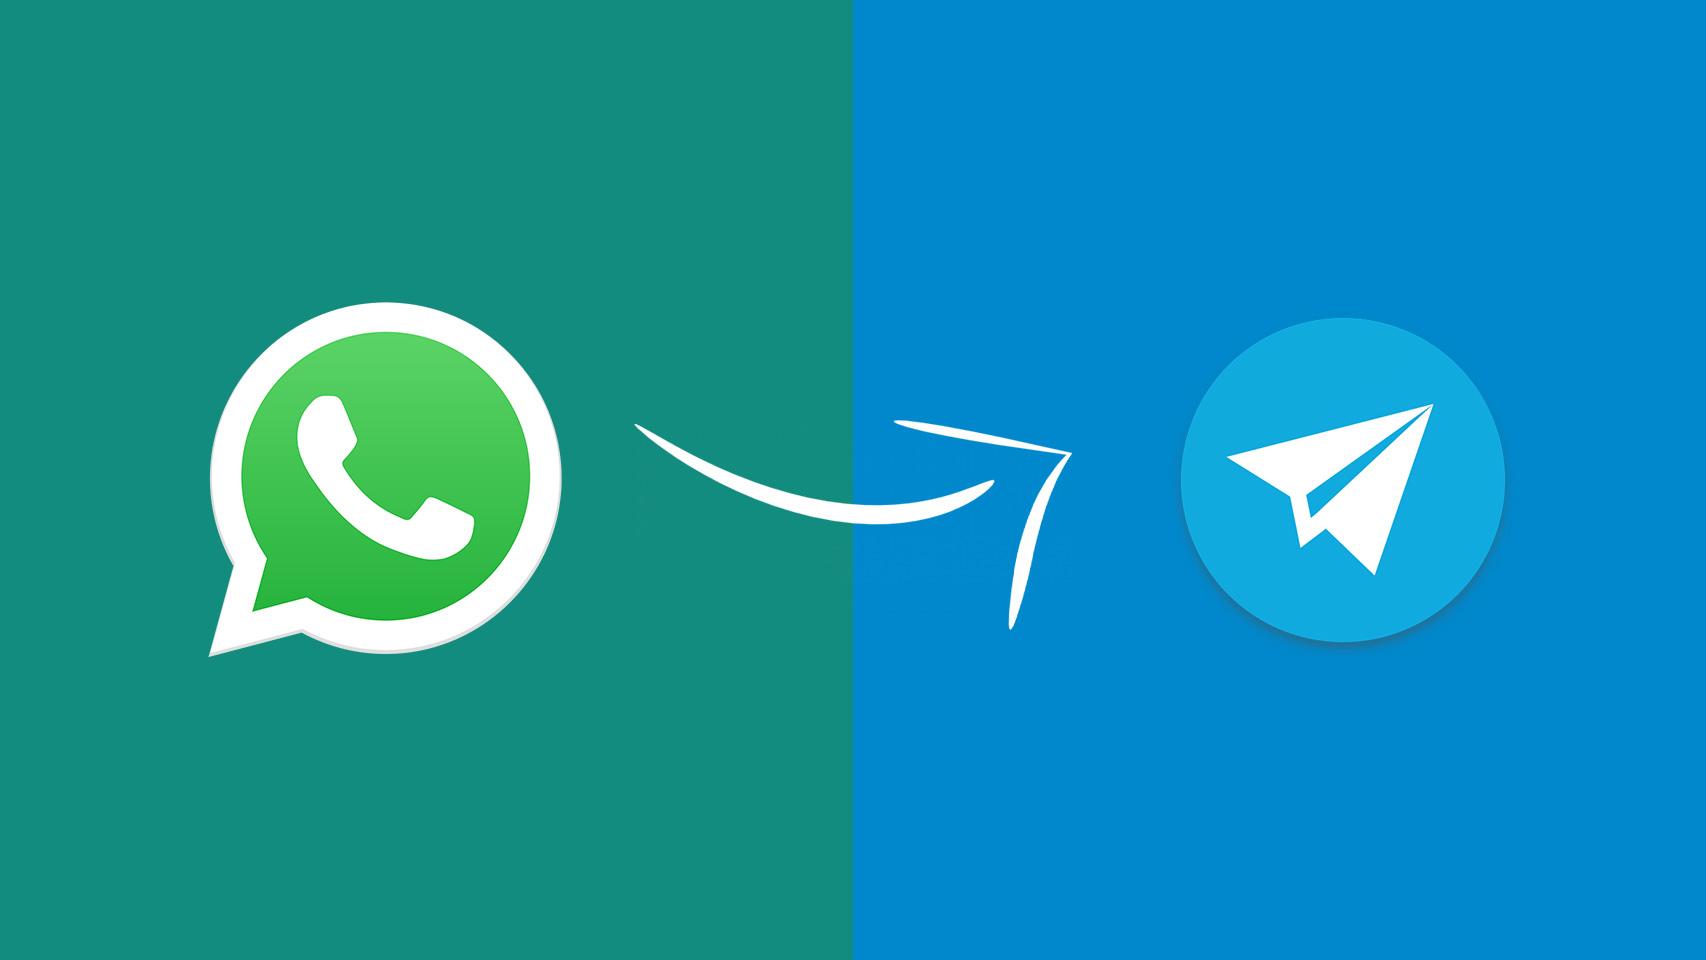 iconos de WhatsApp y Telegram.